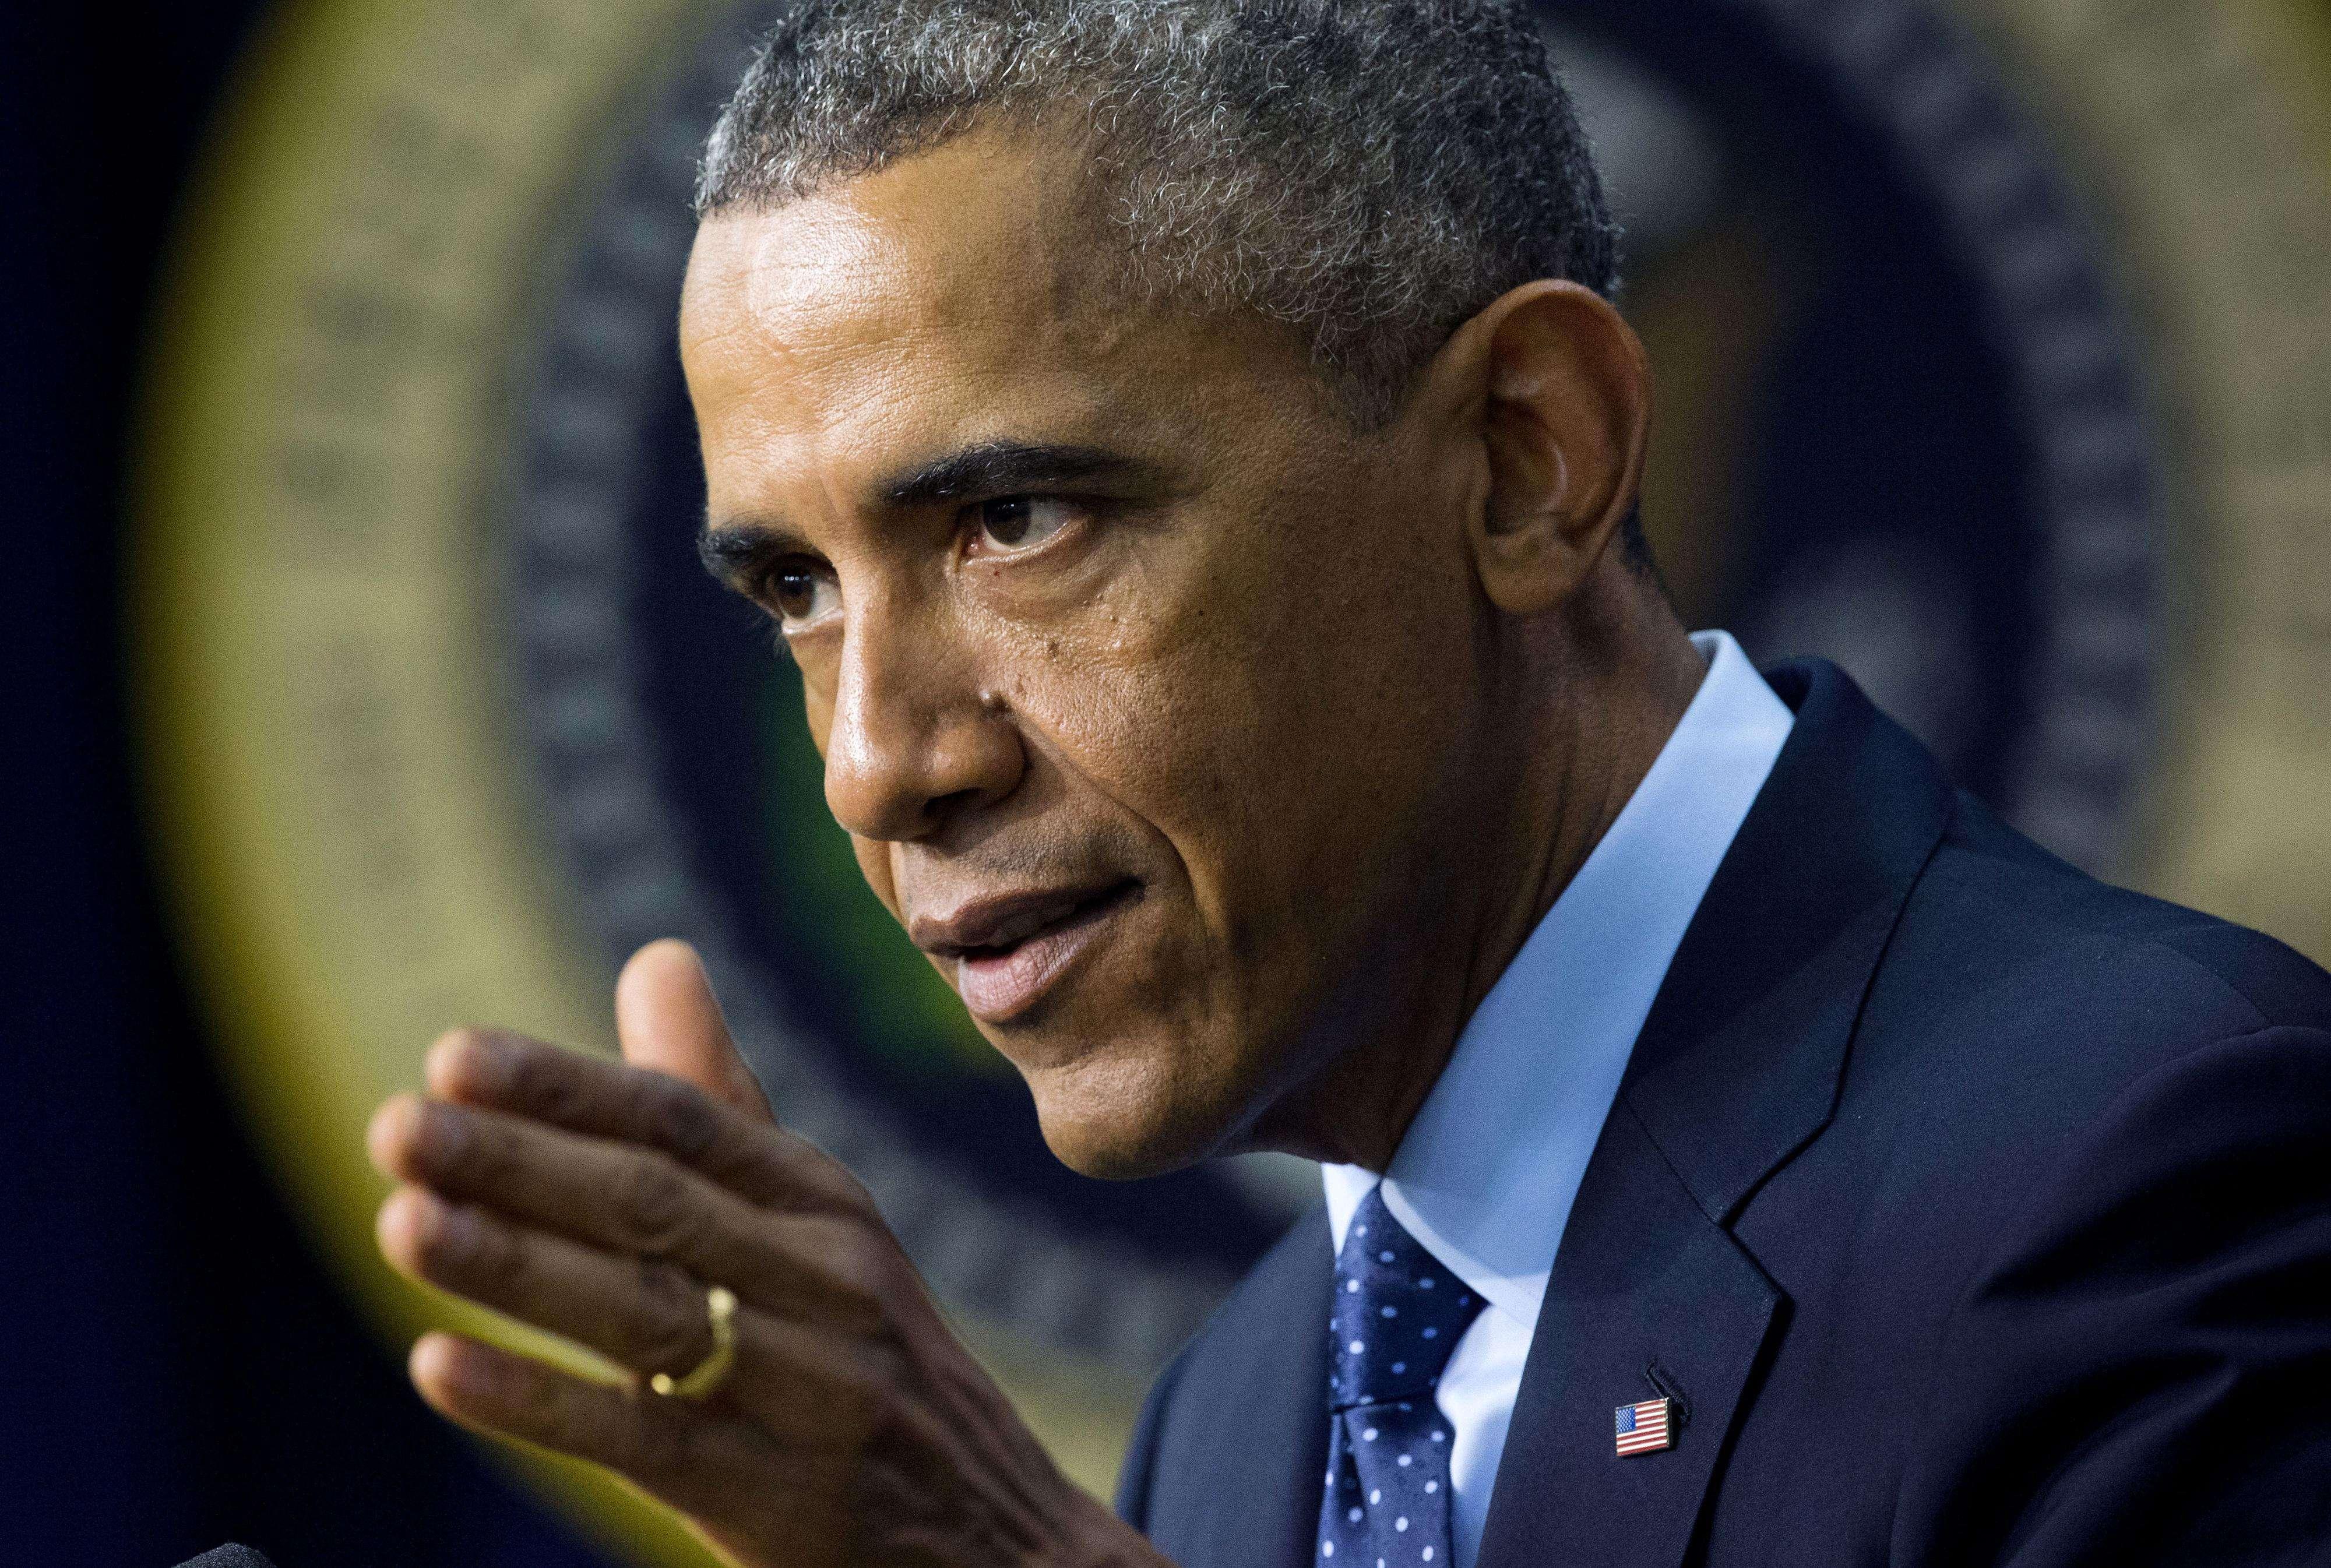 El presidente Obama ratificó el papel de EE.UU. como líder mundial. Foto: AP en español